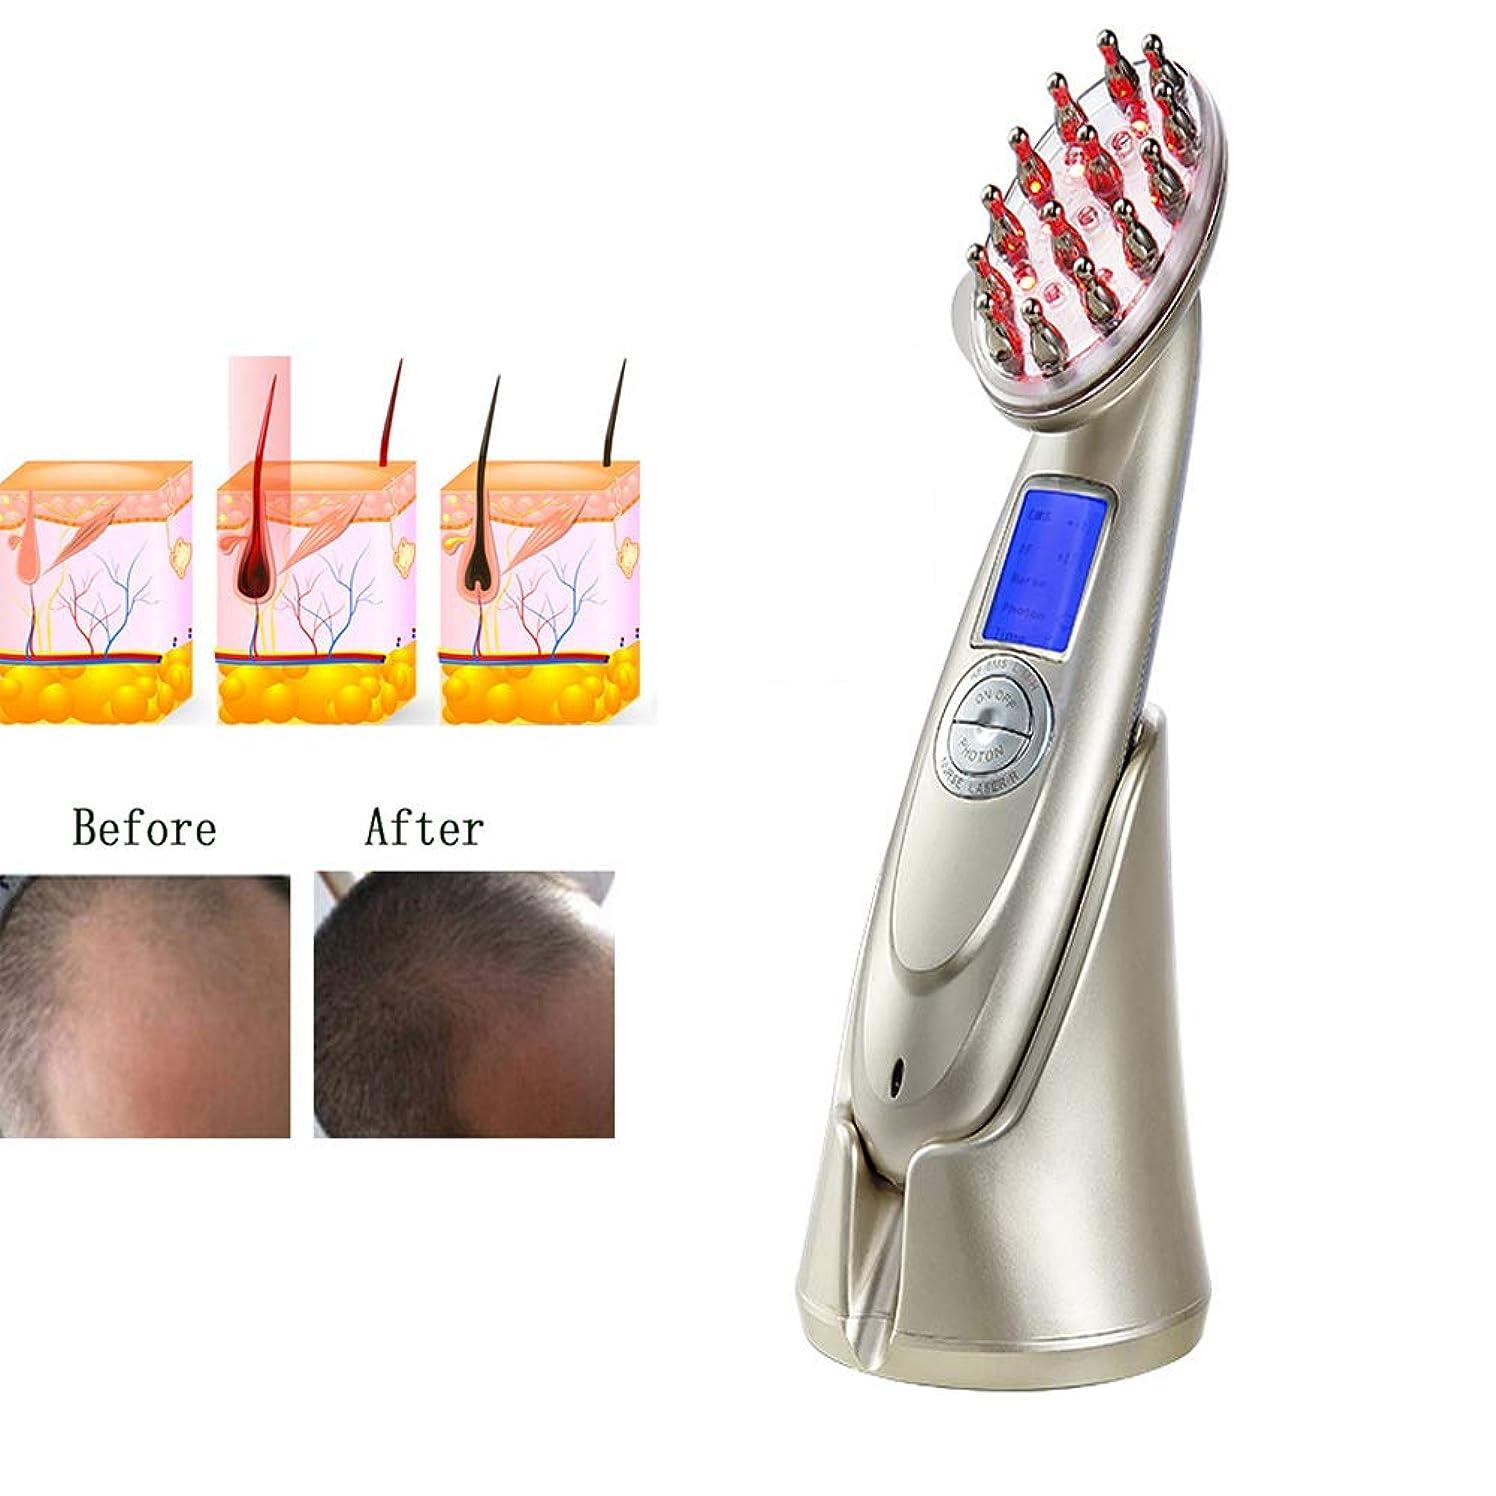 脊椎したい瞳プロの電気髪の成長レーザー櫛 RF EMS LED 光子光療法ブラシ抗脱毛治療マッサージの健康胚ブラシをアップグレードします。